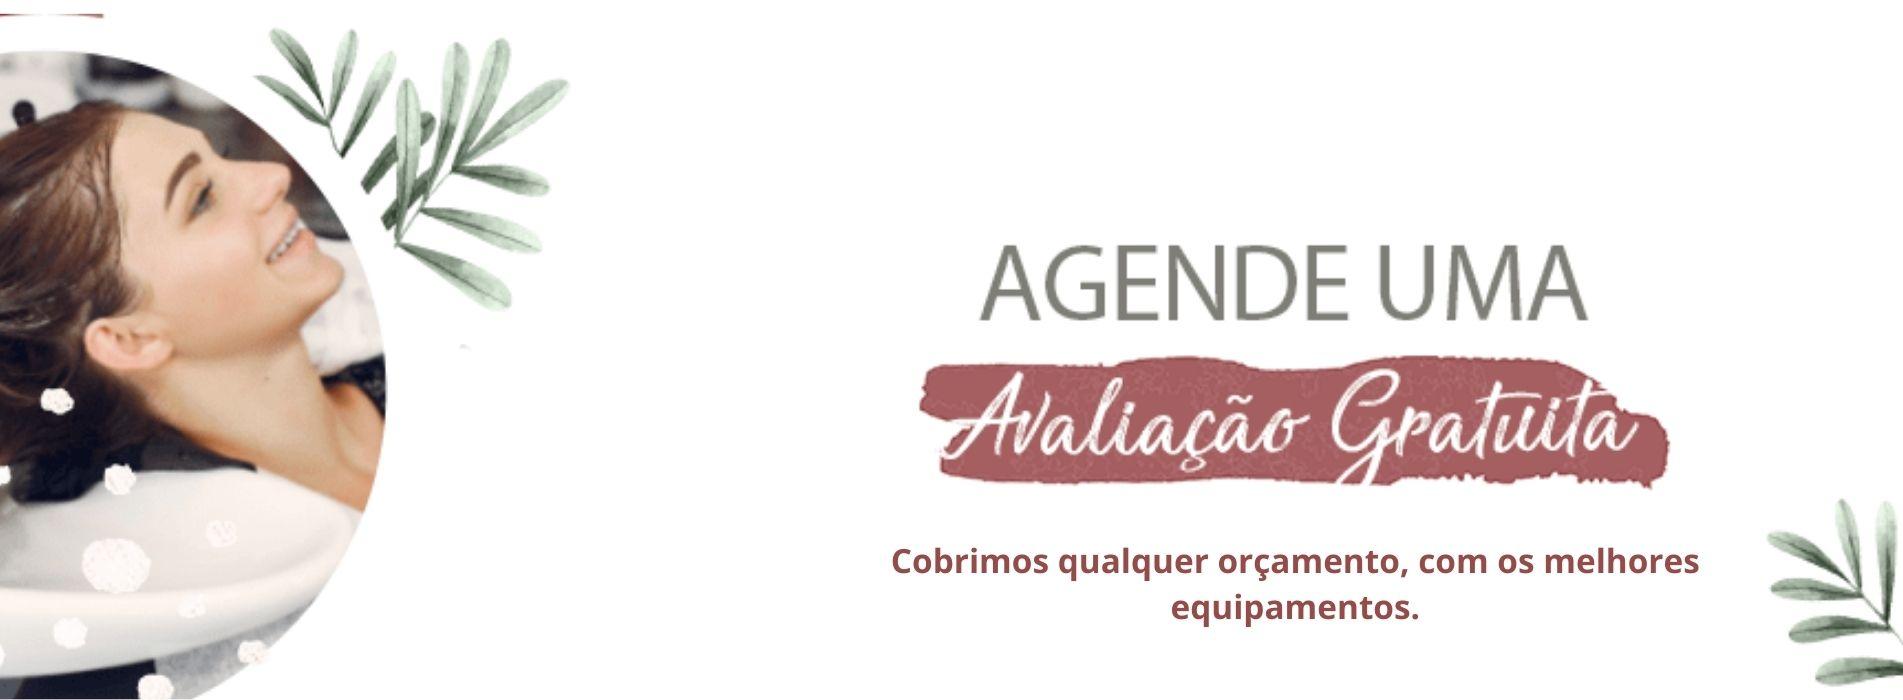 centro-de-estetica-e-beleza-kamilagarcia-banner2